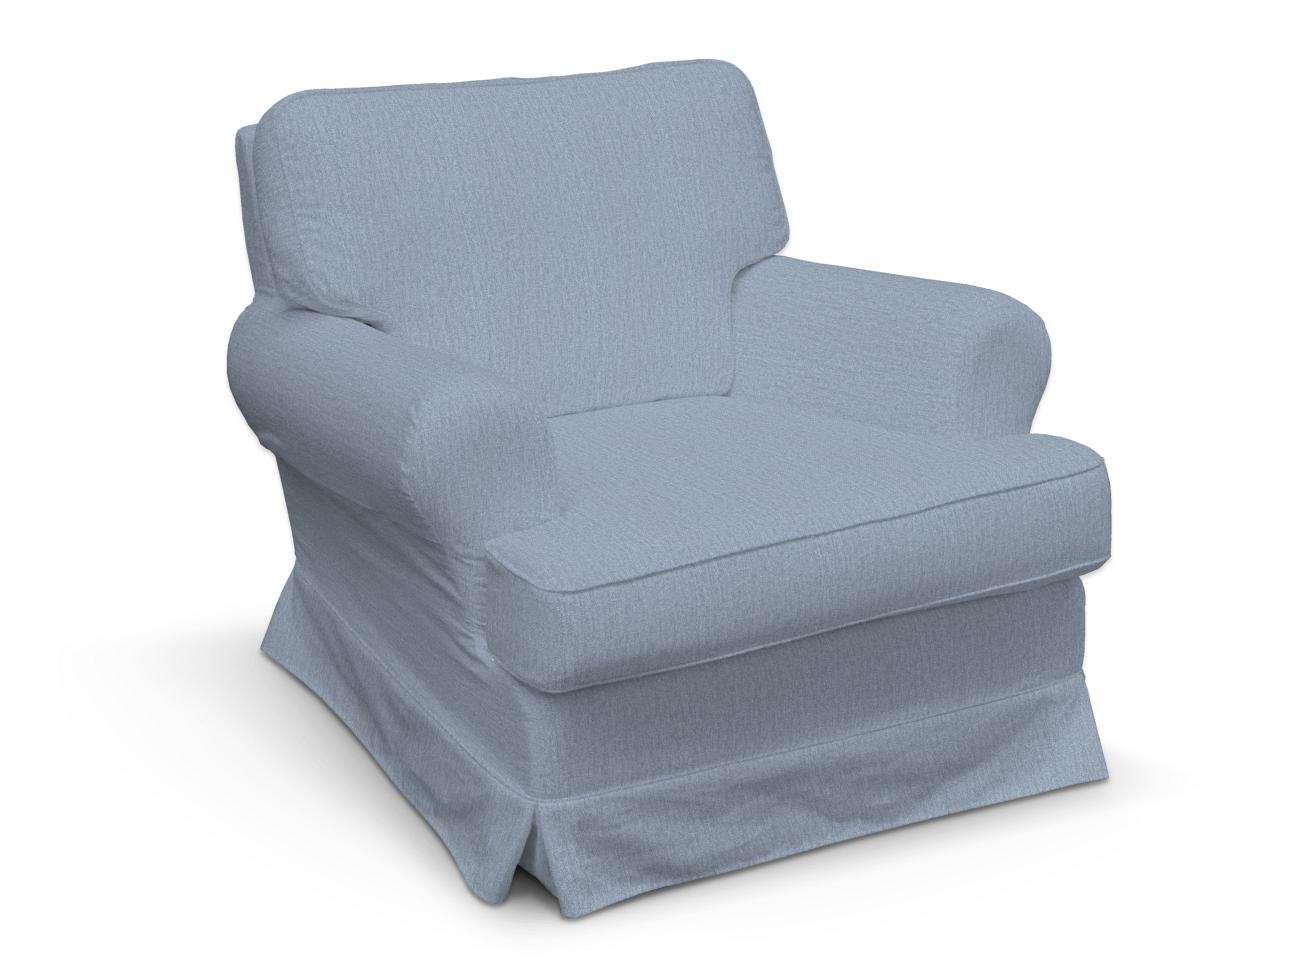 Pokrowiec na fotel Barkaby w kolekcji Chenille, tkanina: 702-13